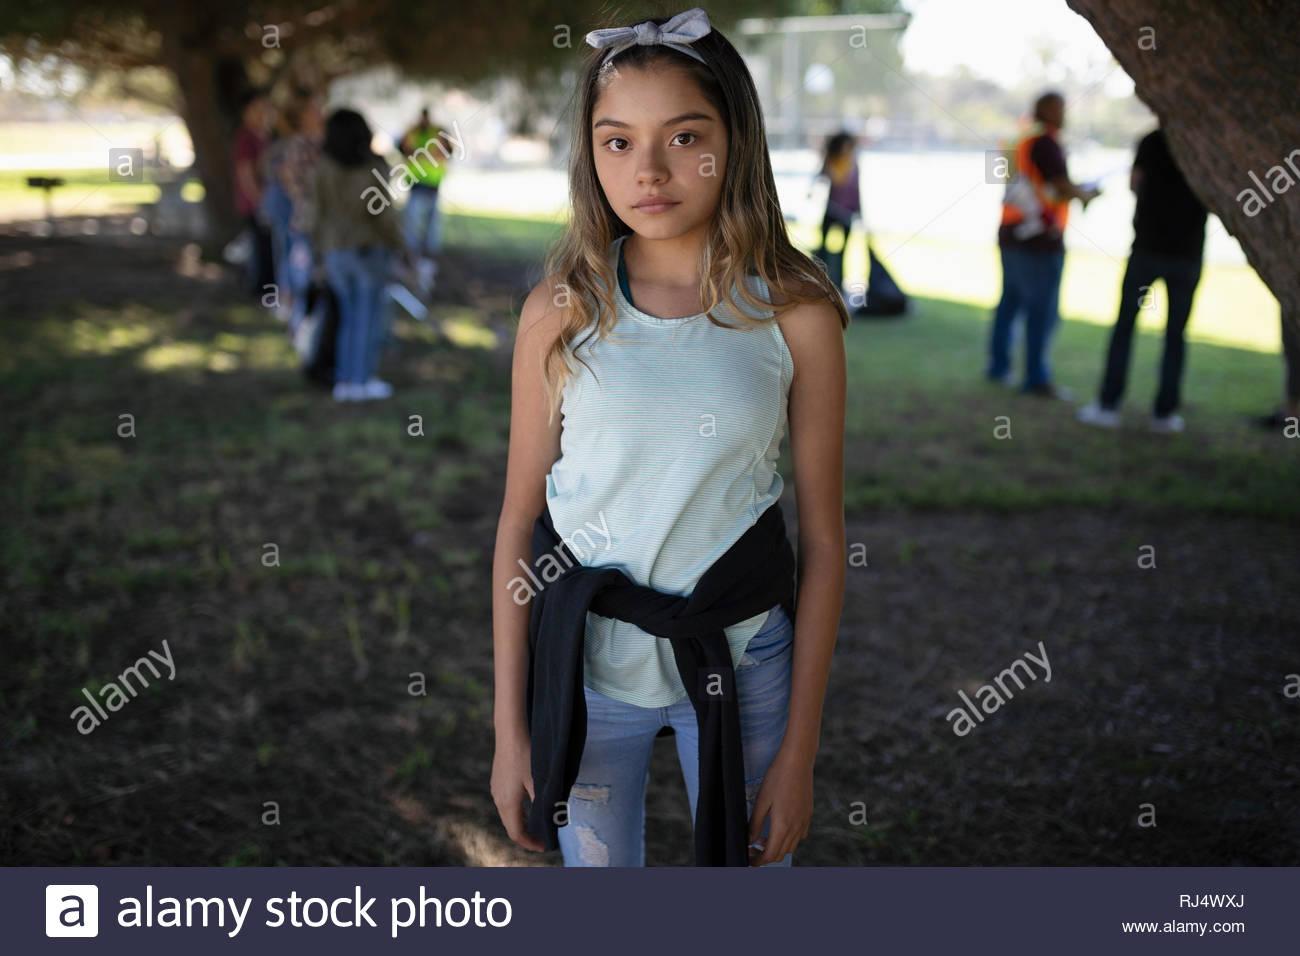 Retrato seguros Latinx chica voluntariado, parque de limpieza Imagen De Stock